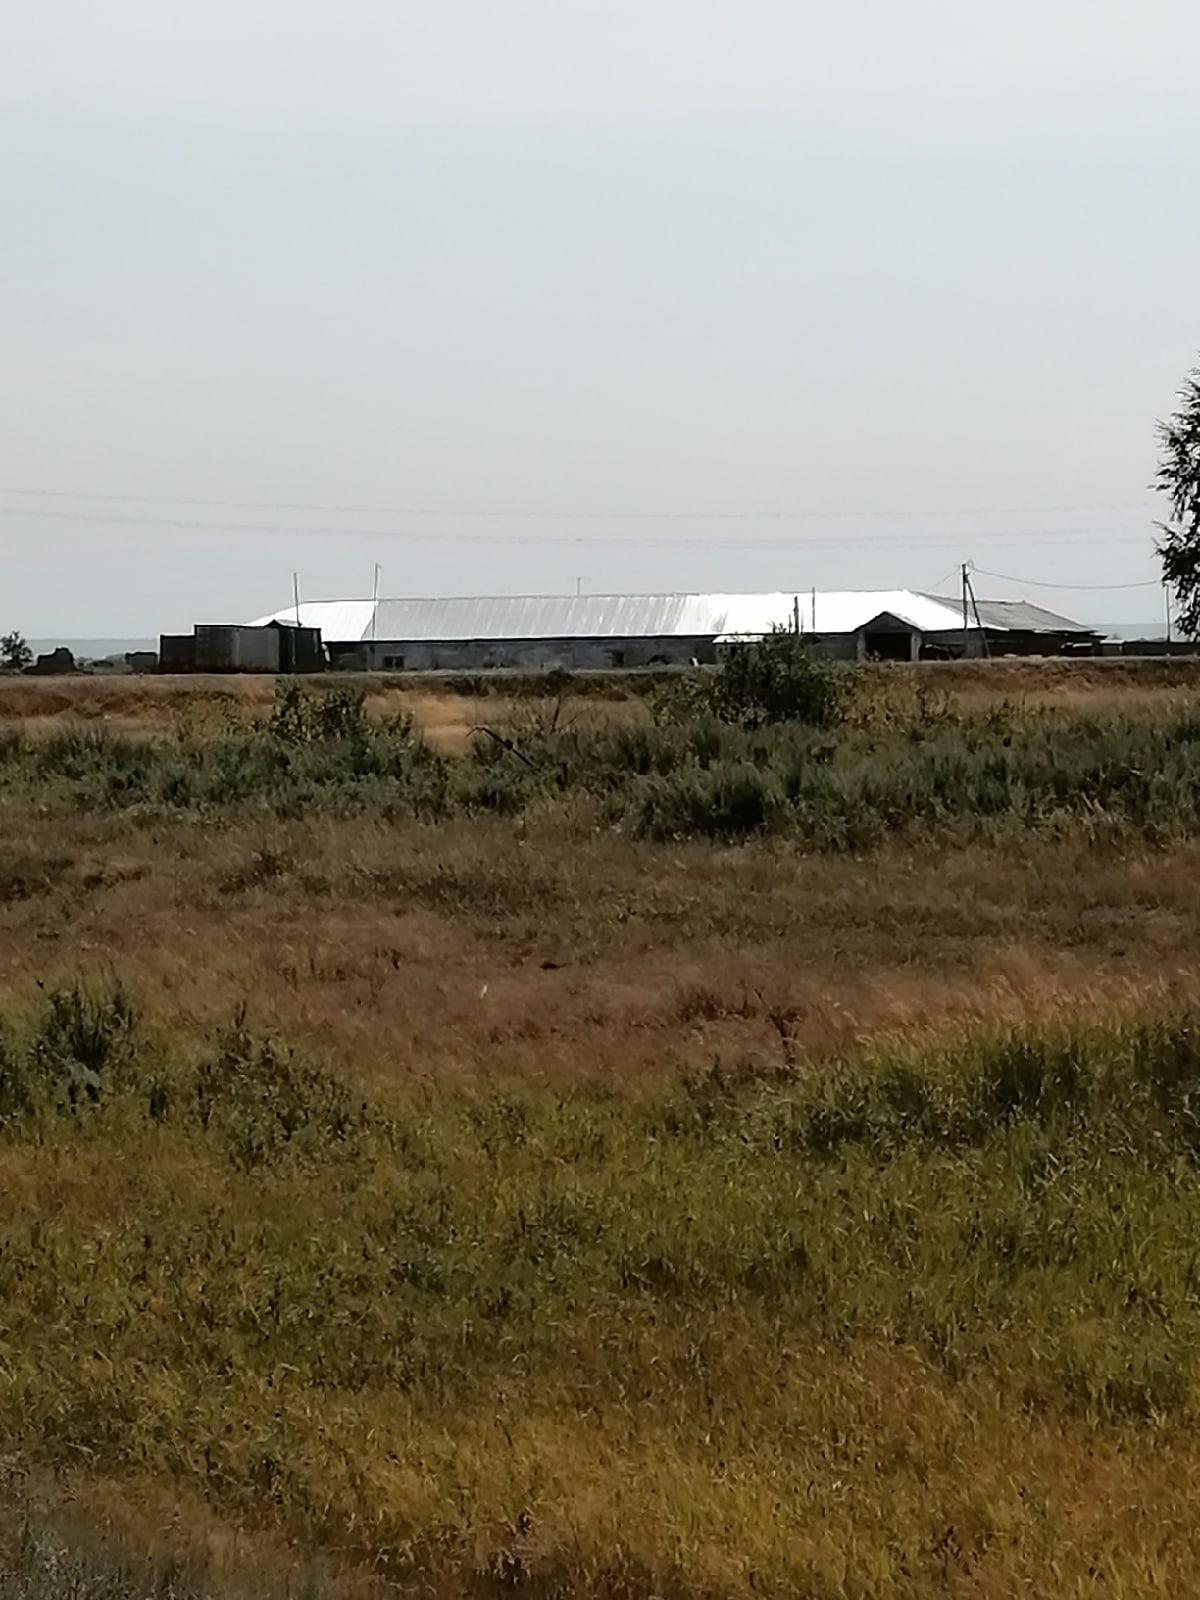 Неподалёку от предполагаемого места размещениямусороперегрузочной станции находятся жилые дома и фермы